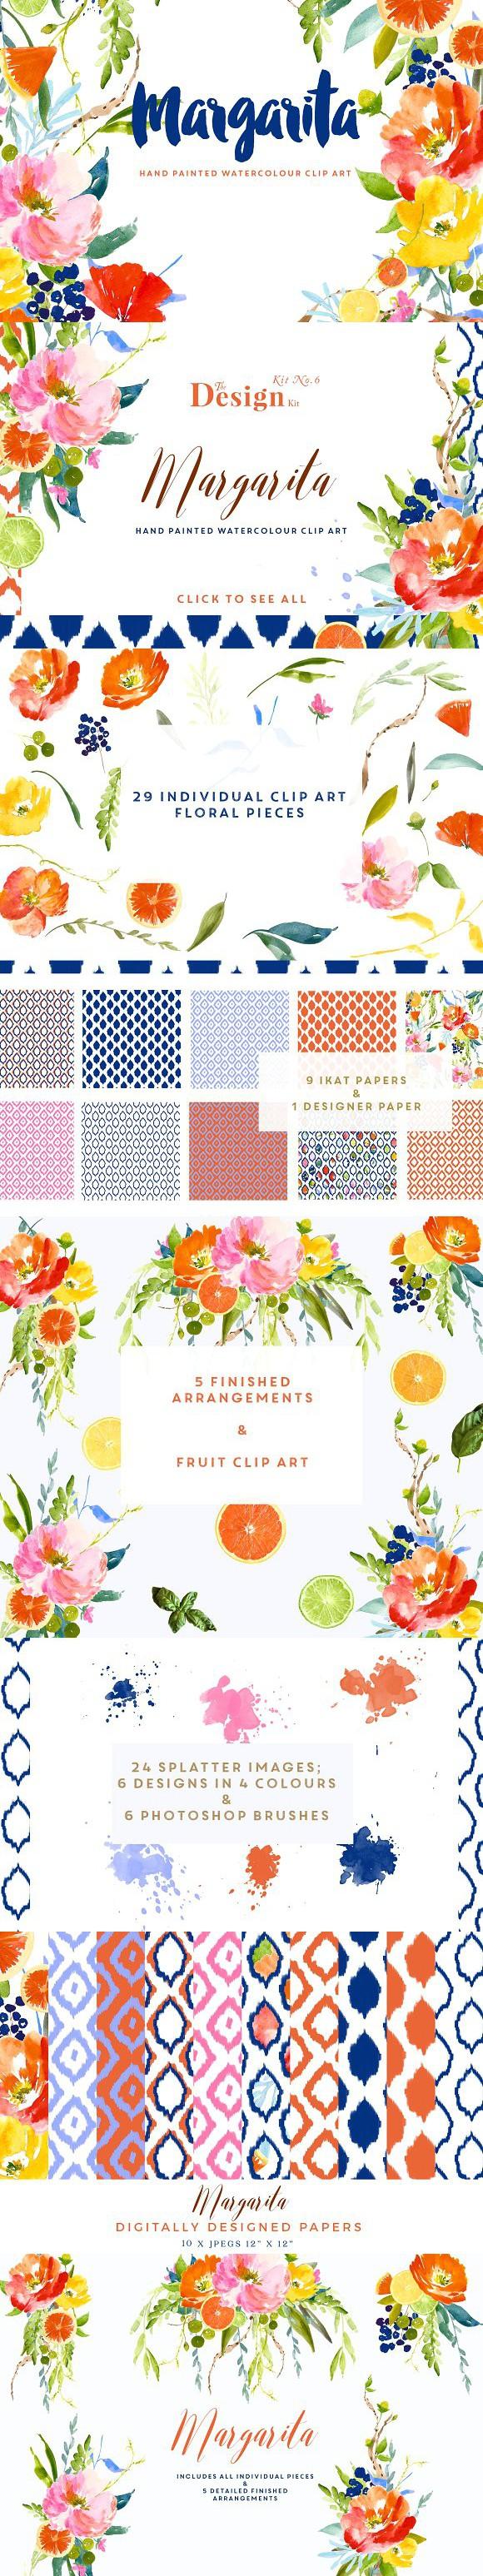 The Design Kit - Margarita. Watercolor Flowers